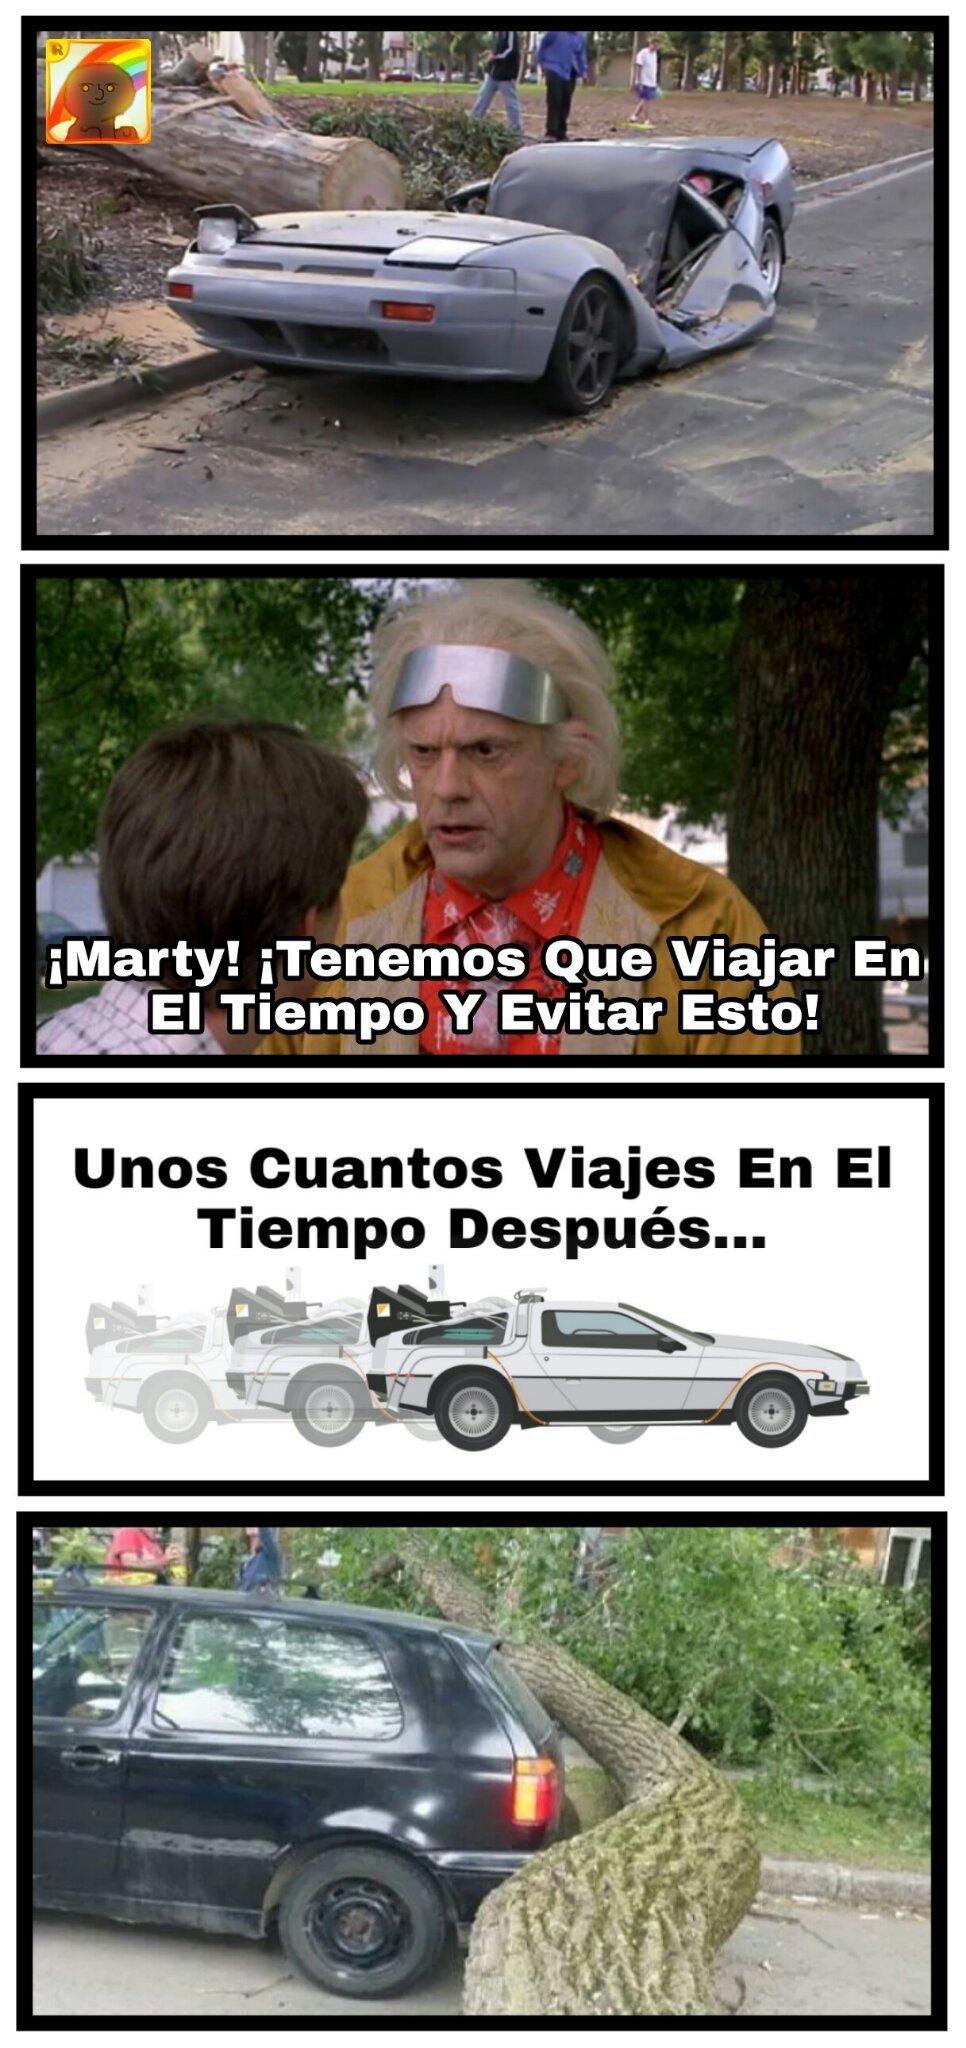 Viaje Por El Tiempo - meme